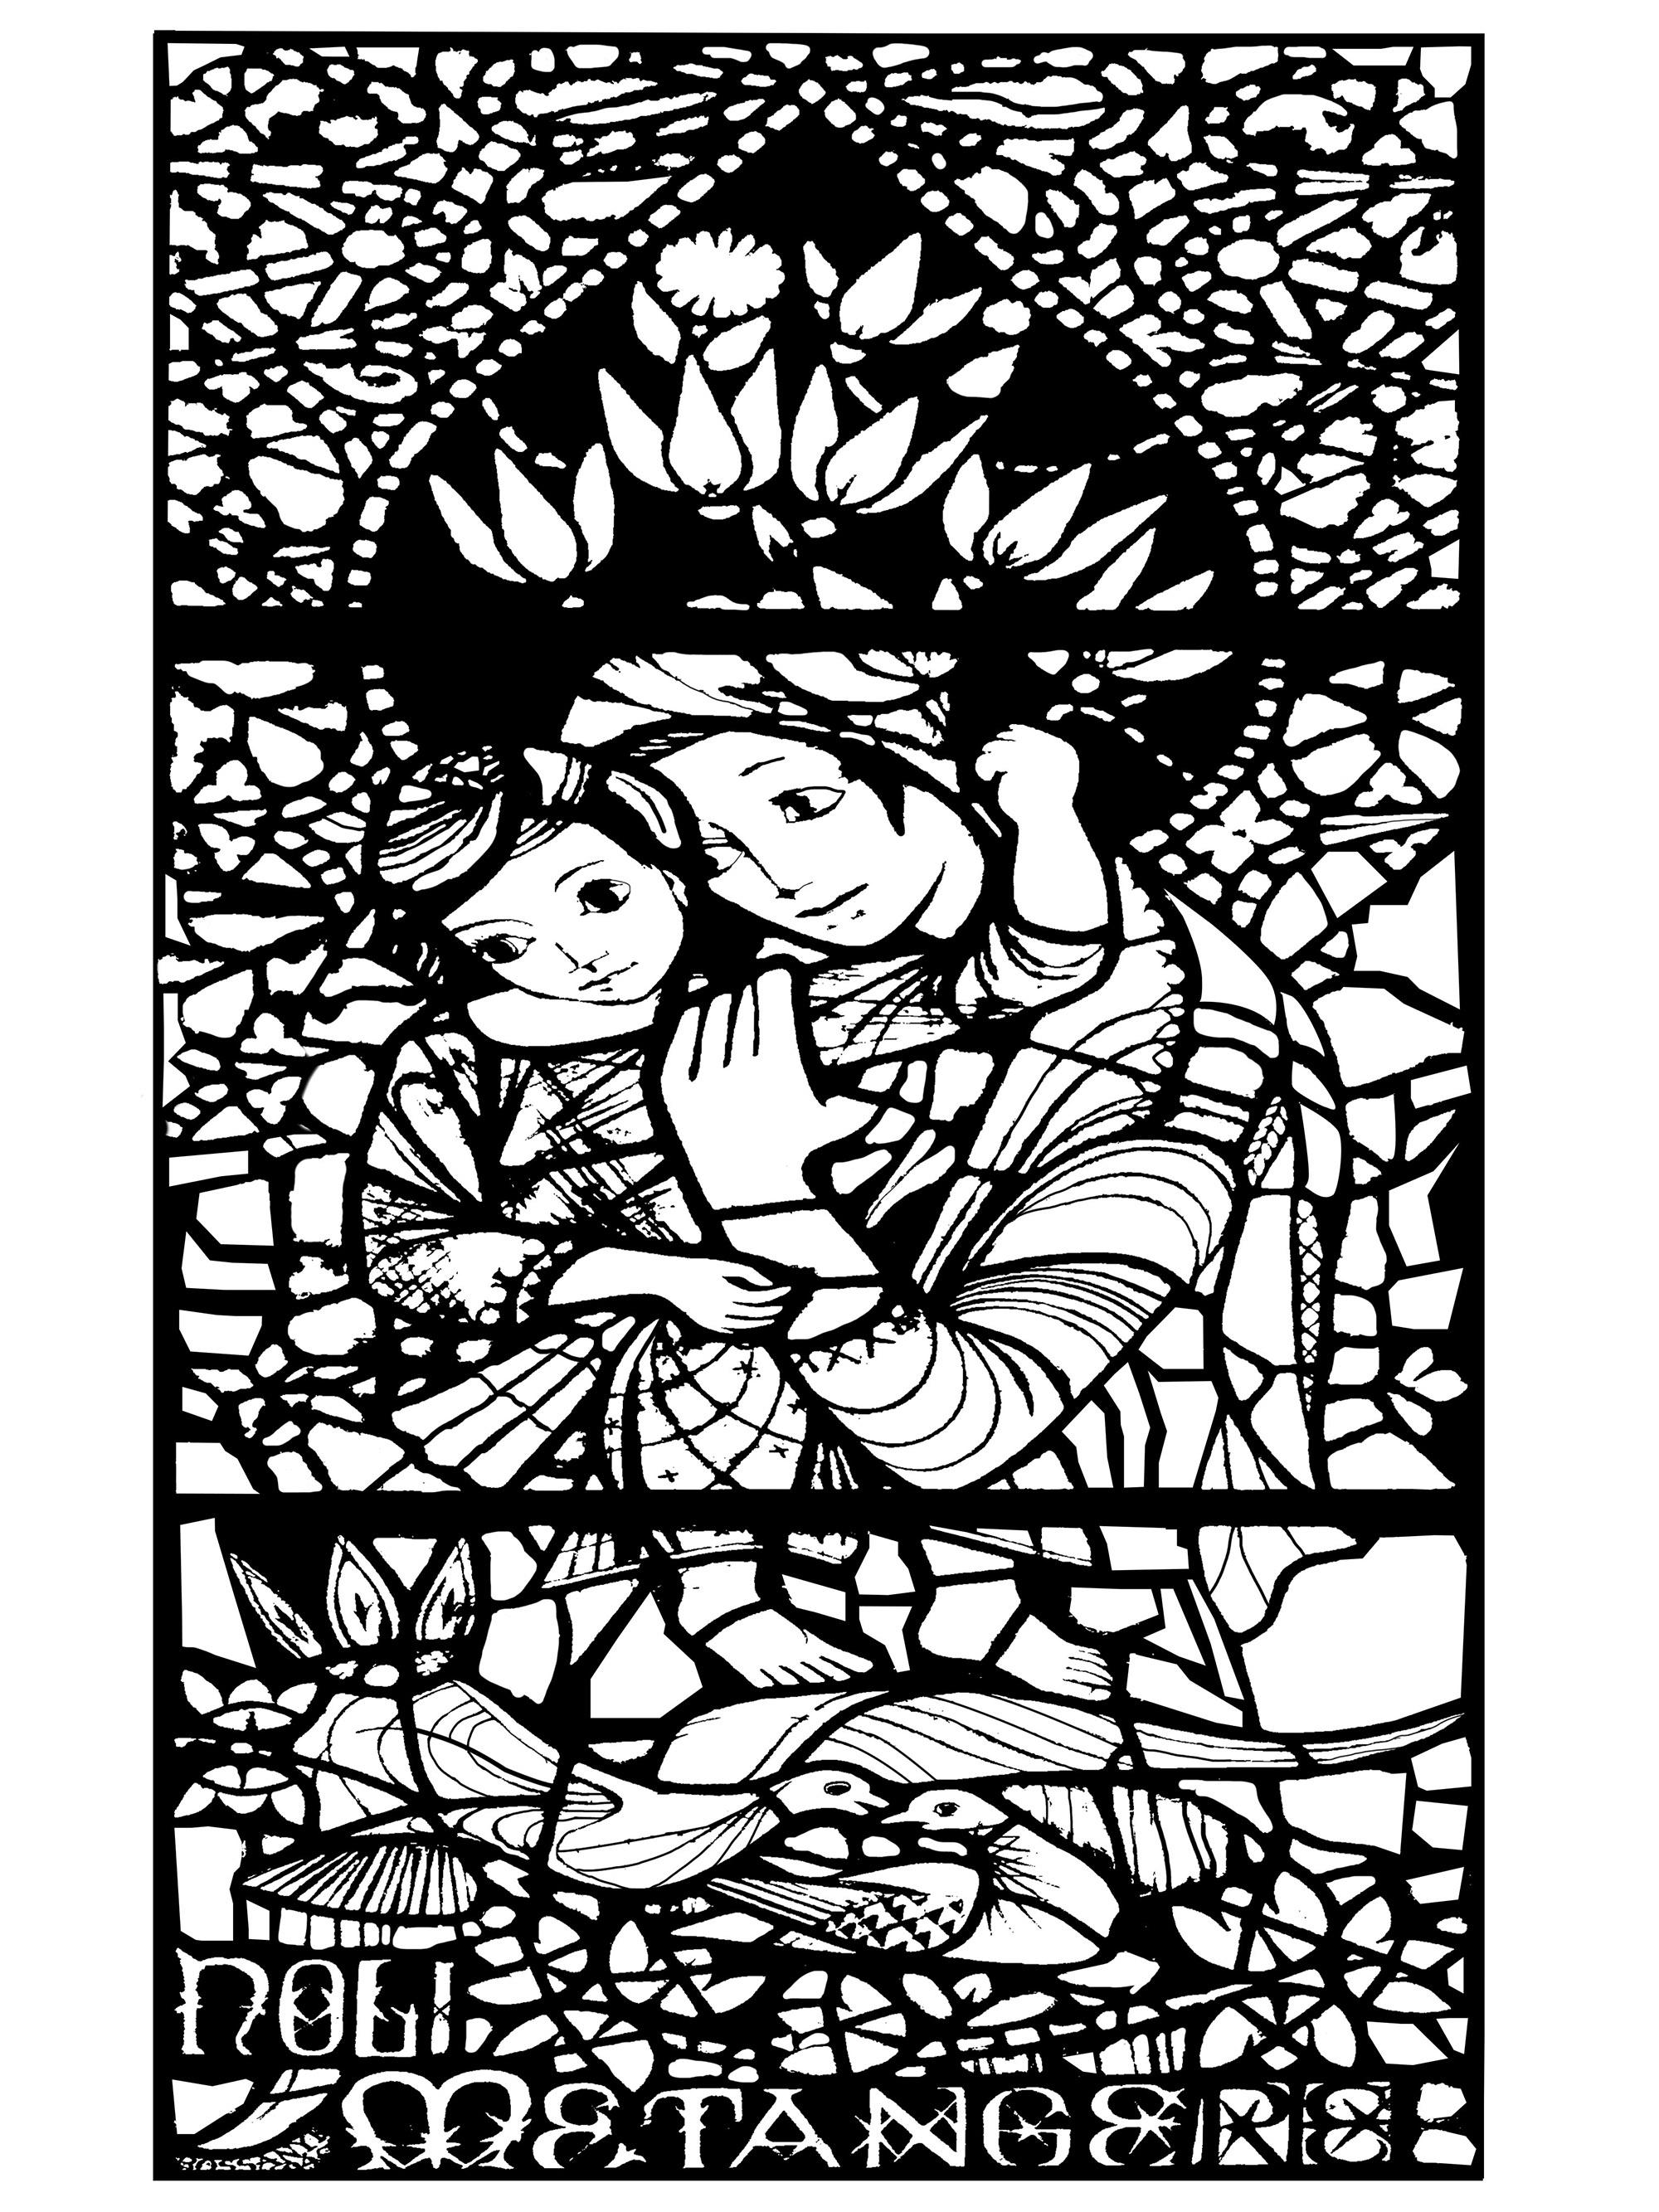 Coloriage créé à partir d'un vitrail réalisé en 1946 par Ervin Bossanyi : Noli Me Tangere